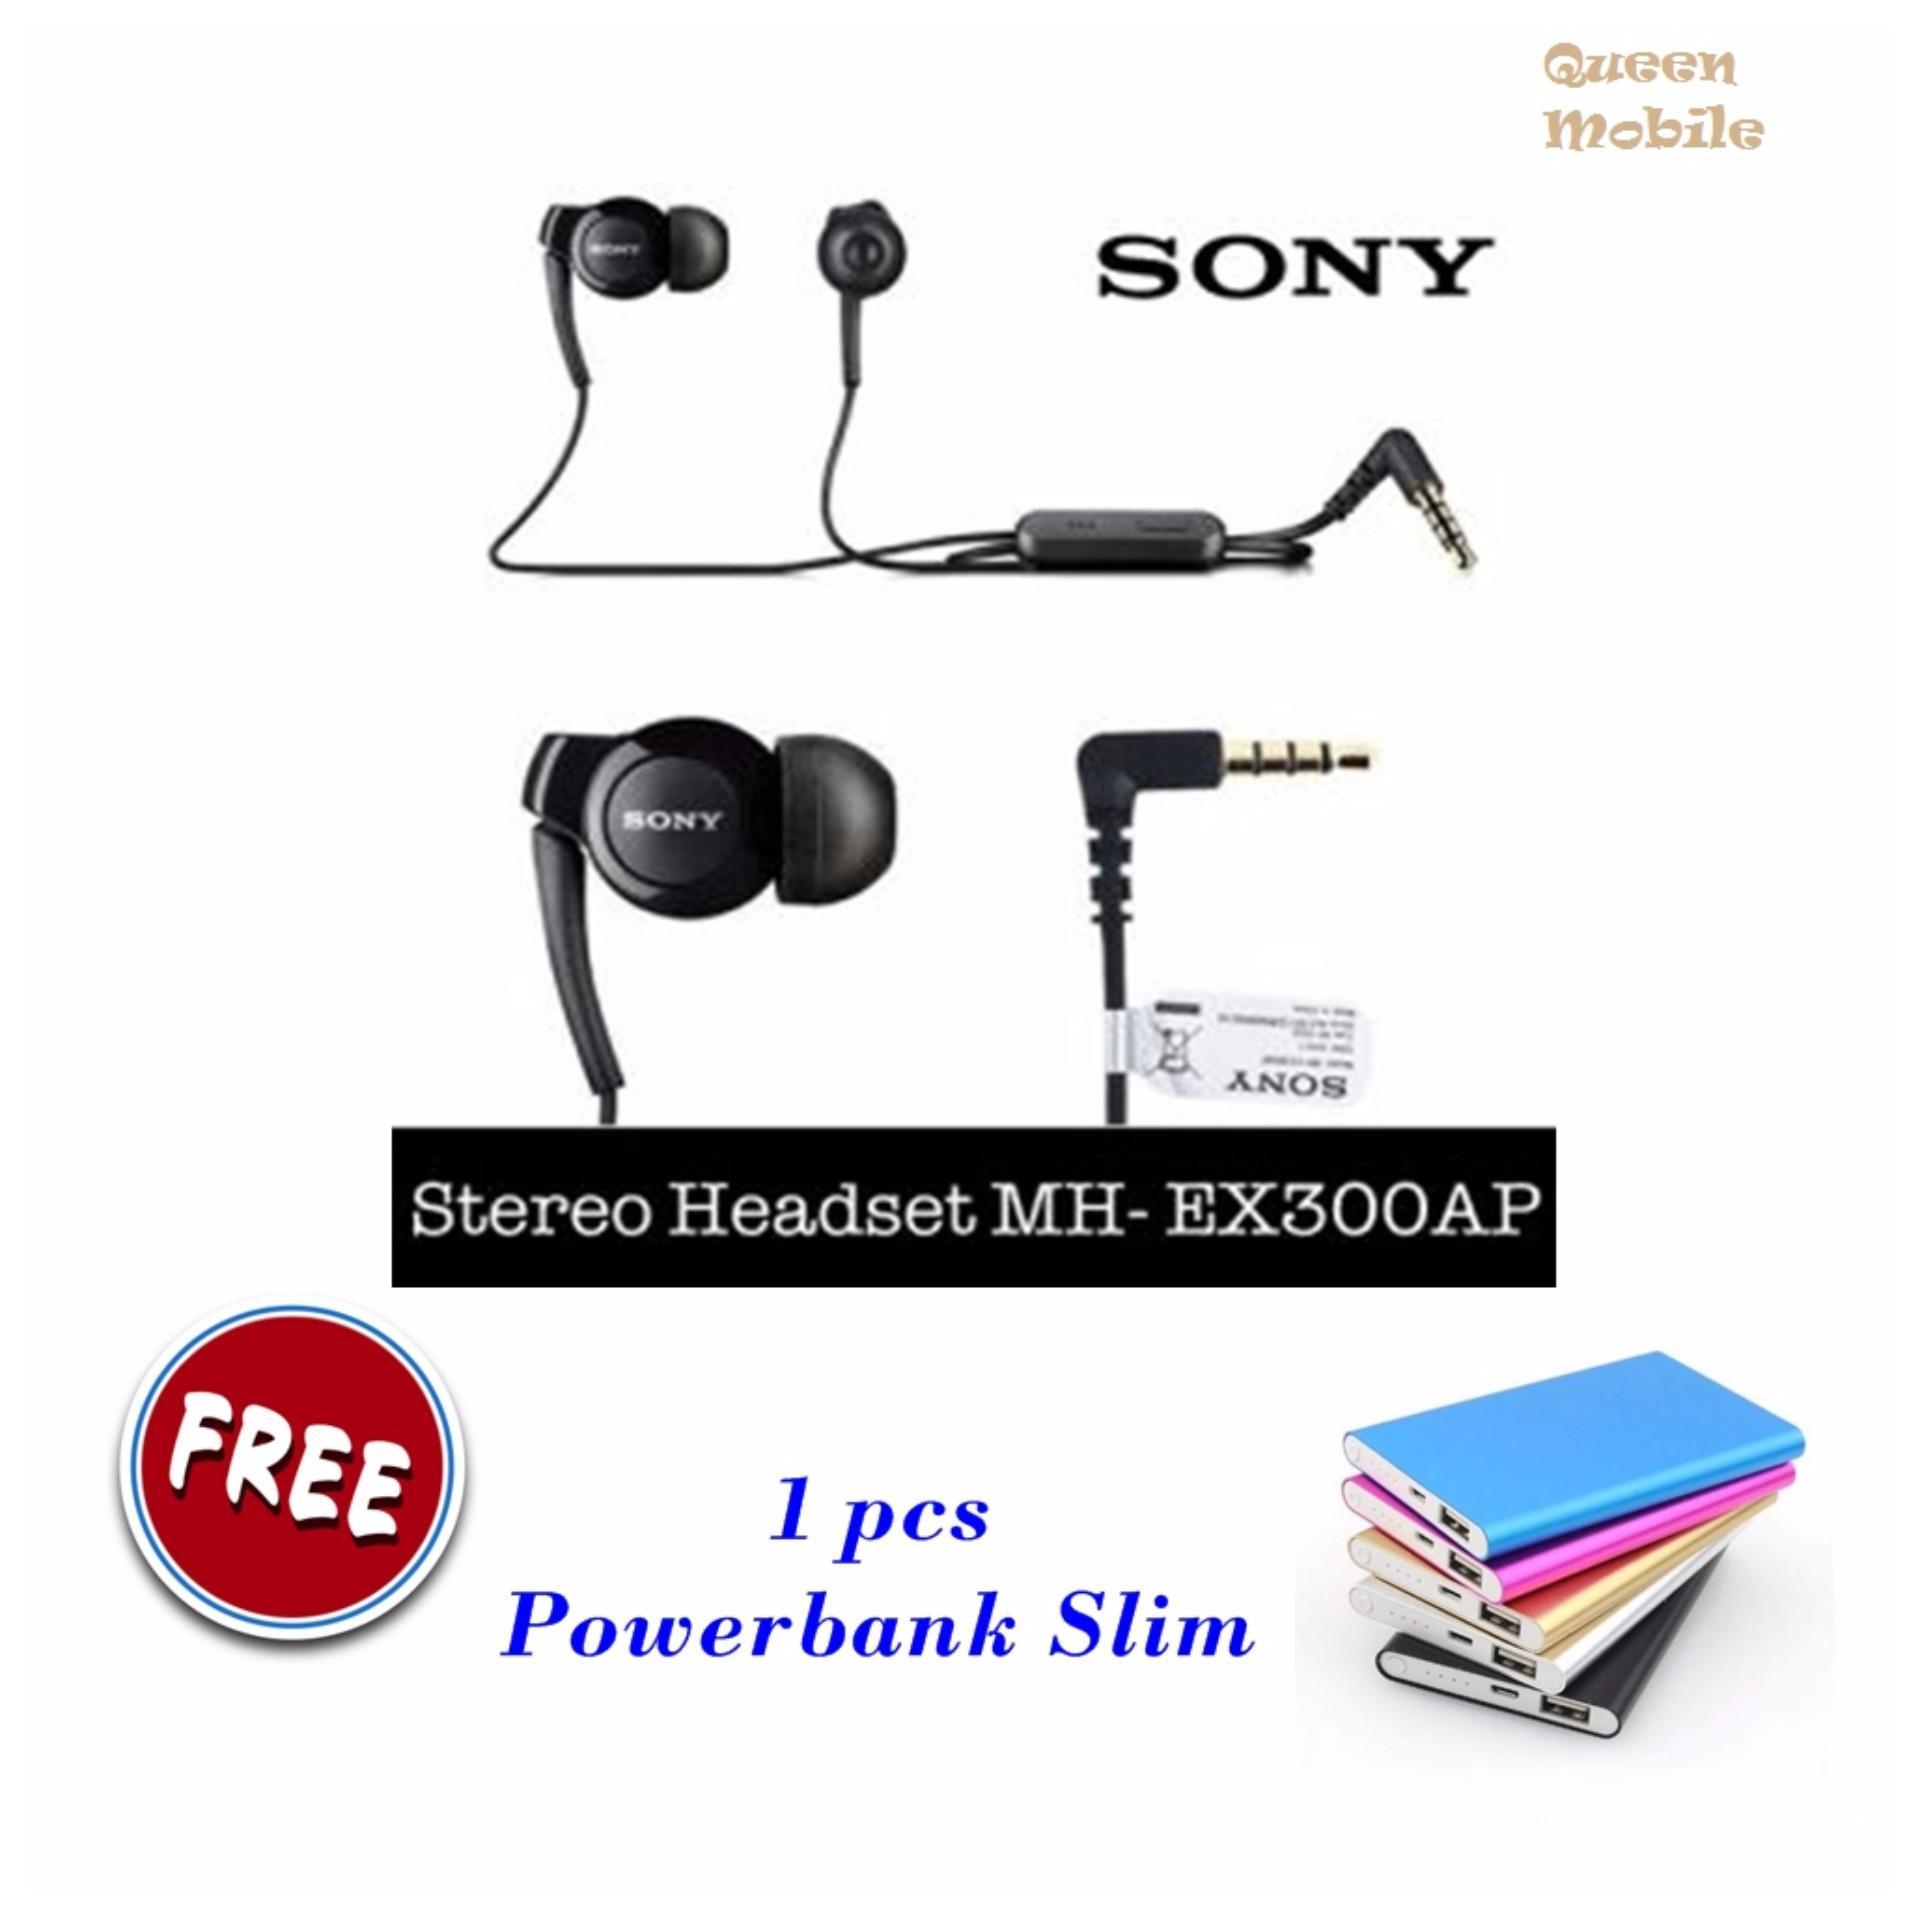 Spek Sony Stereo Headset Mdr 700Ap Powerbank Slim